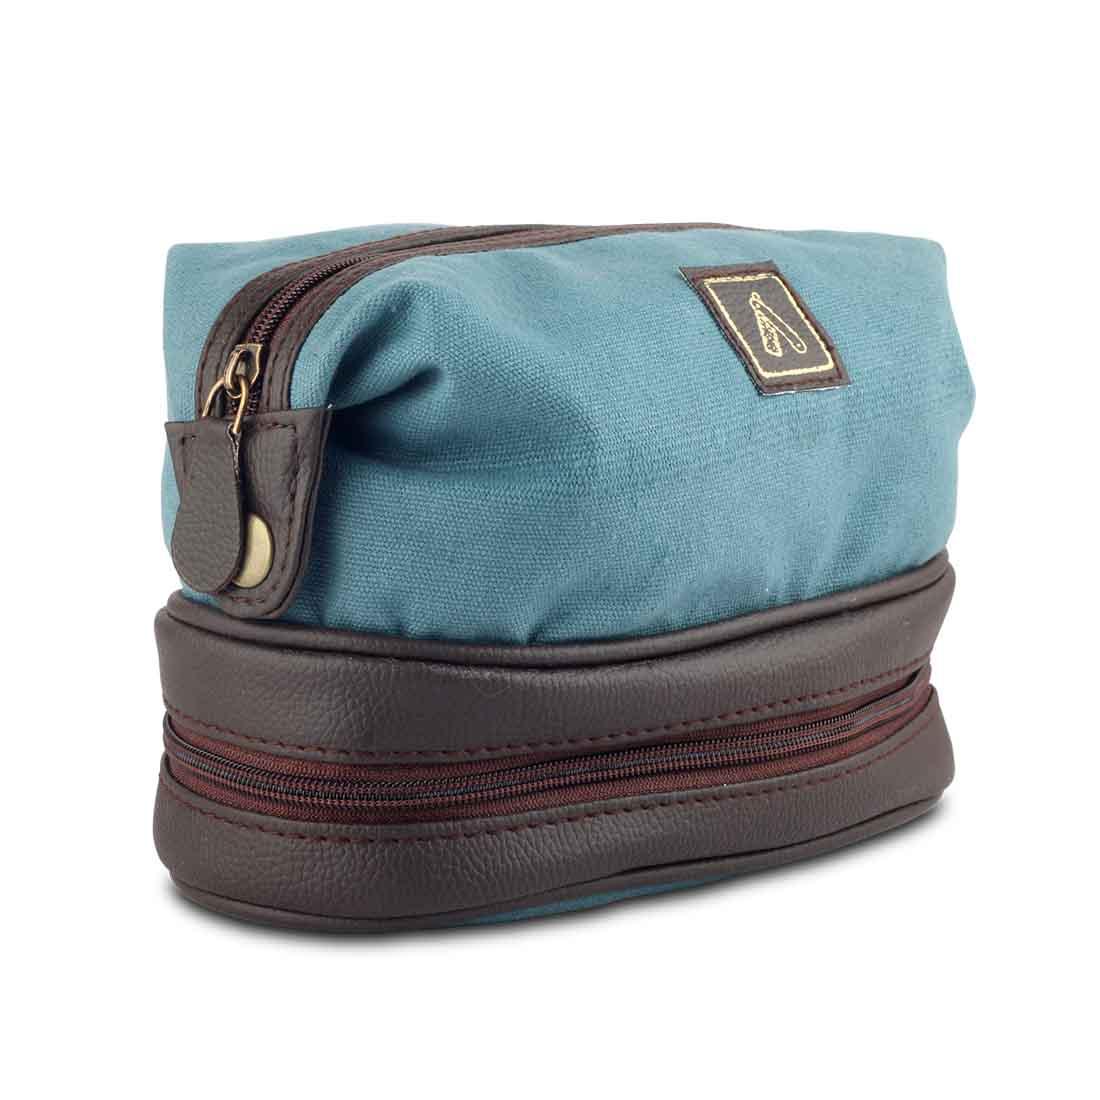 Ustraa Travel Kit - Blue